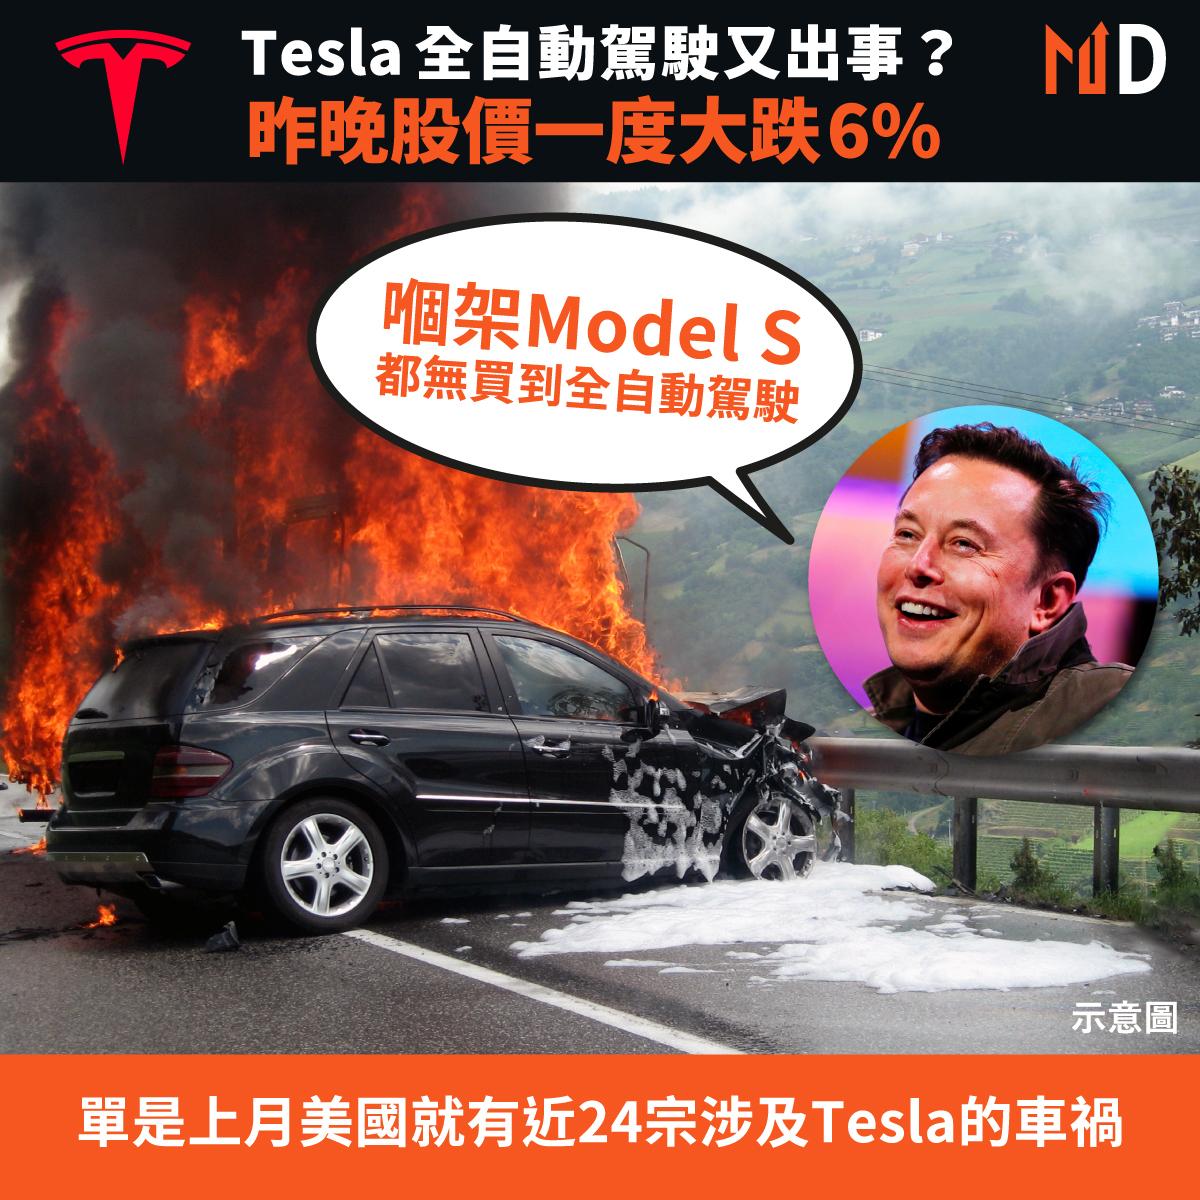 【市場熱話】Tesla車禍因無人駕駛系統而起?昨晚股價一度大跌逾6%